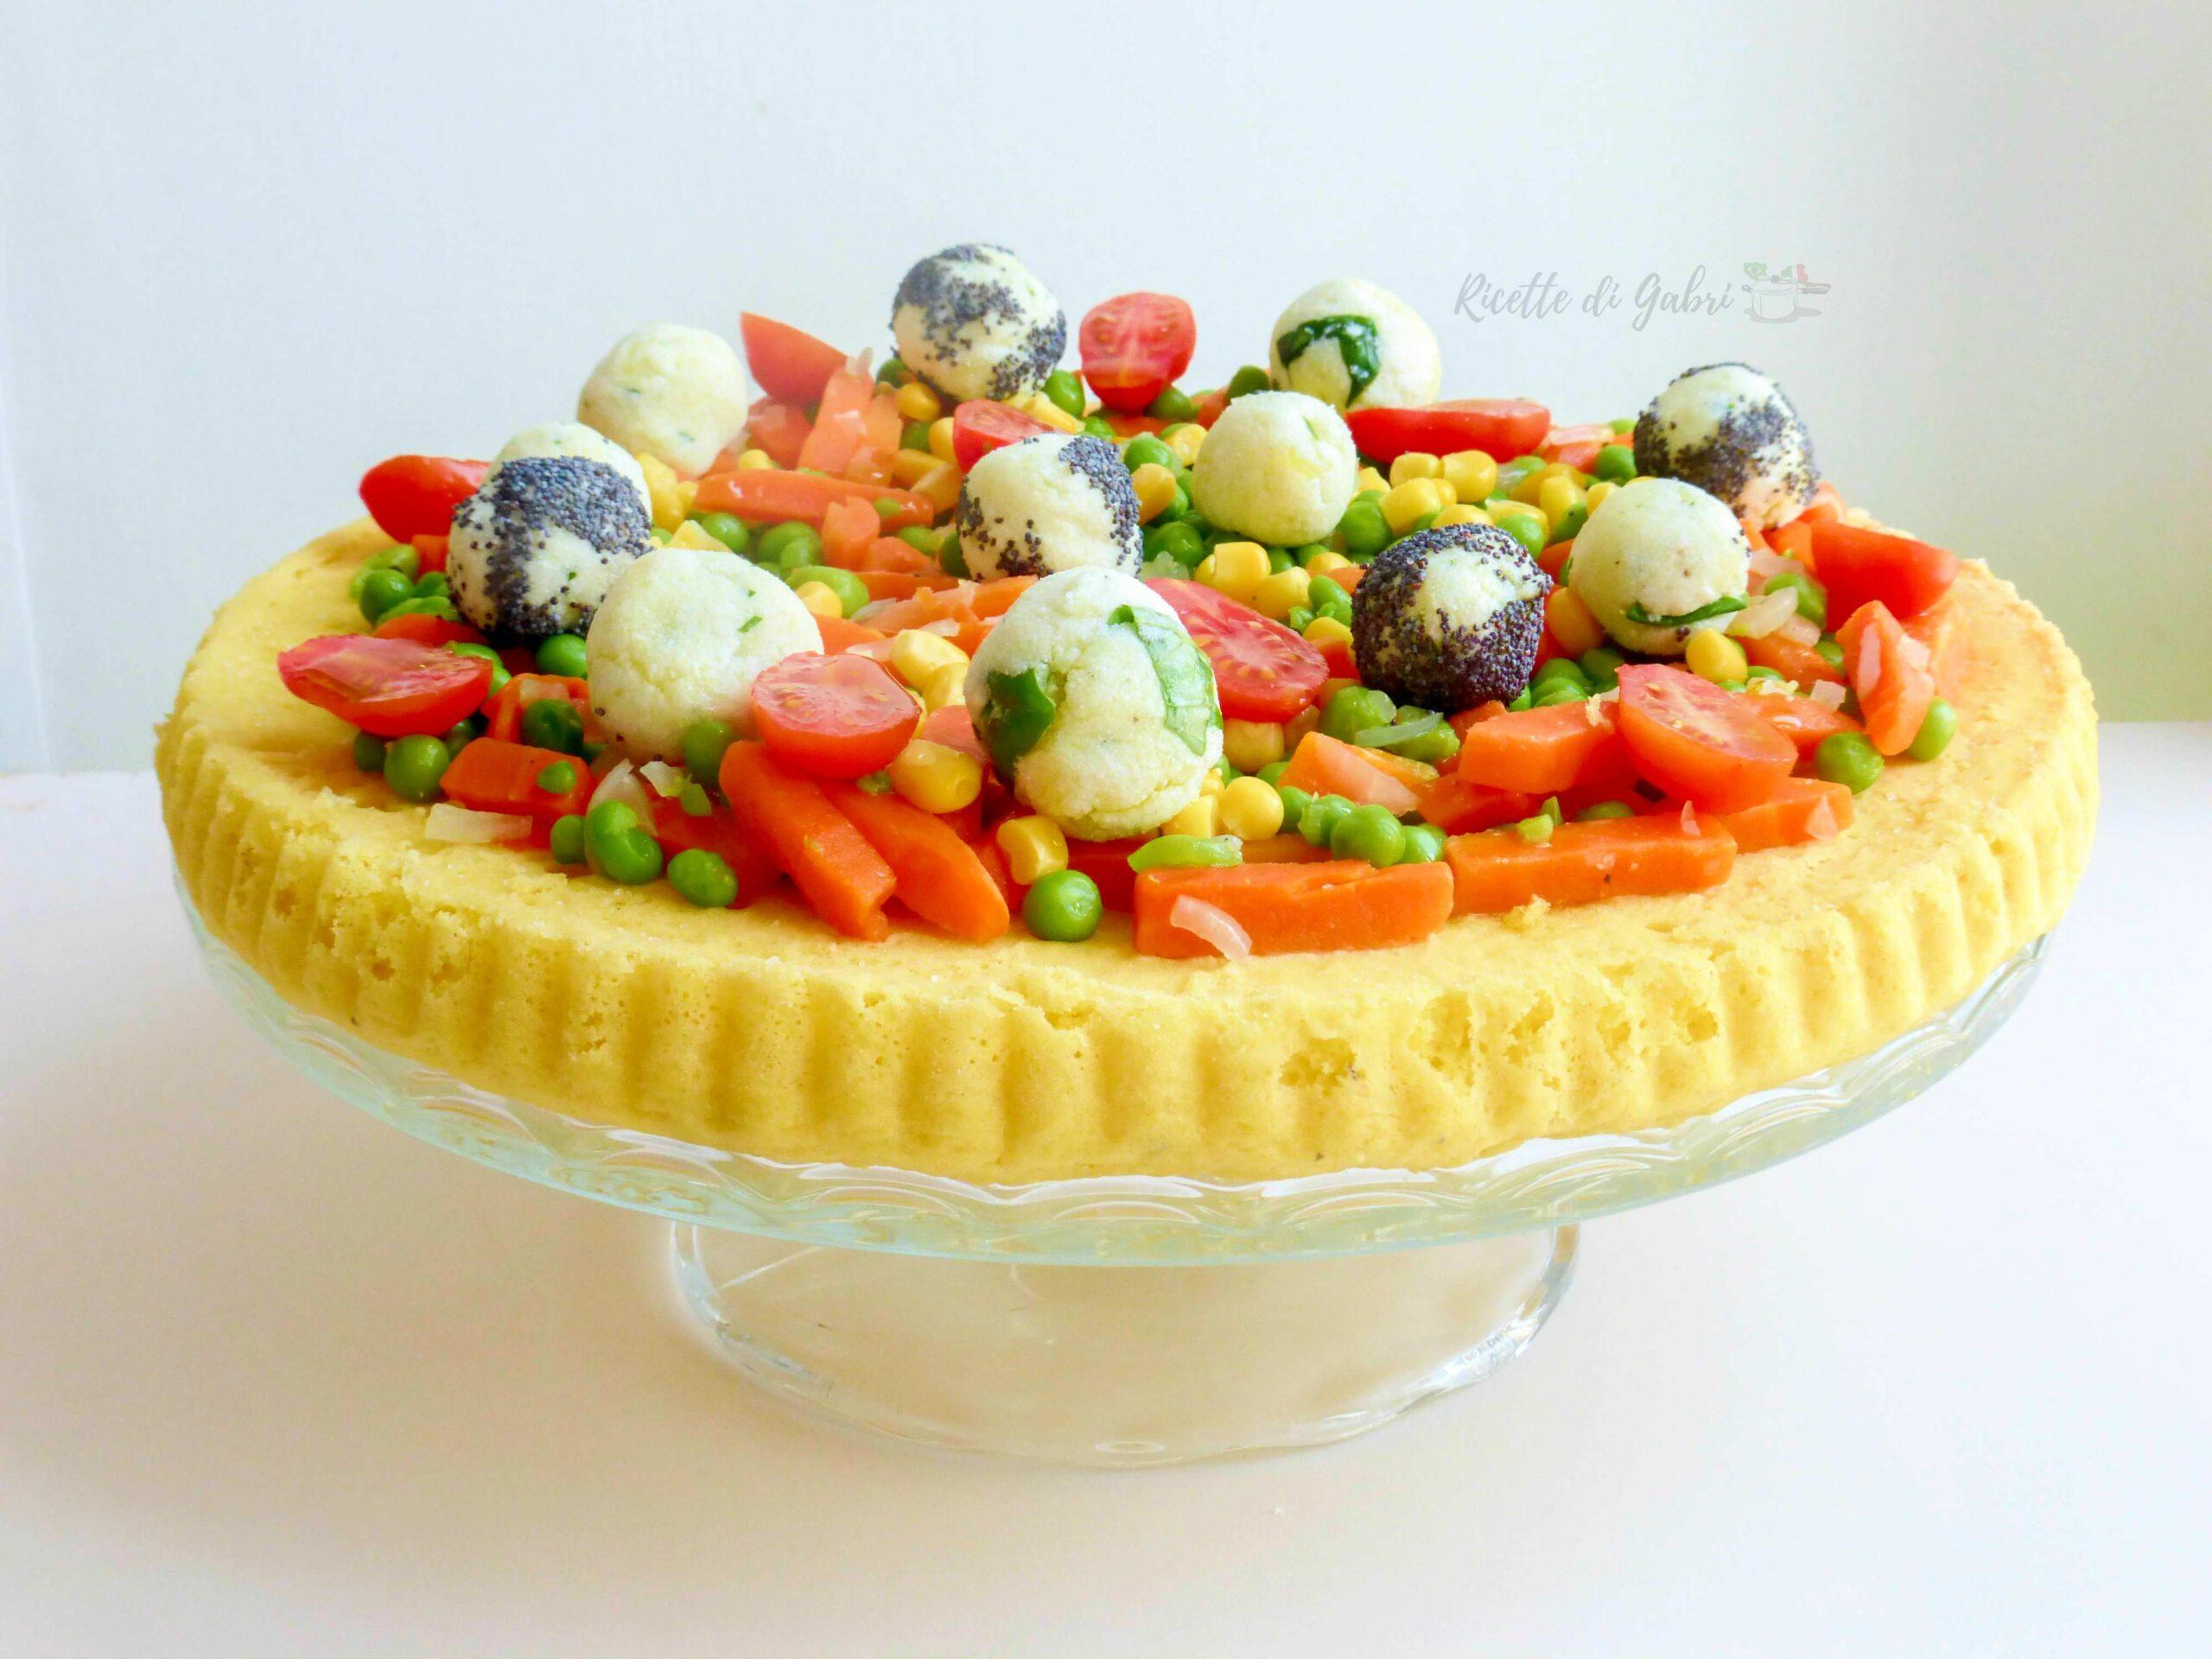 crostata morbida salata facile e veloce torta salata con verdure ricetta di gabri